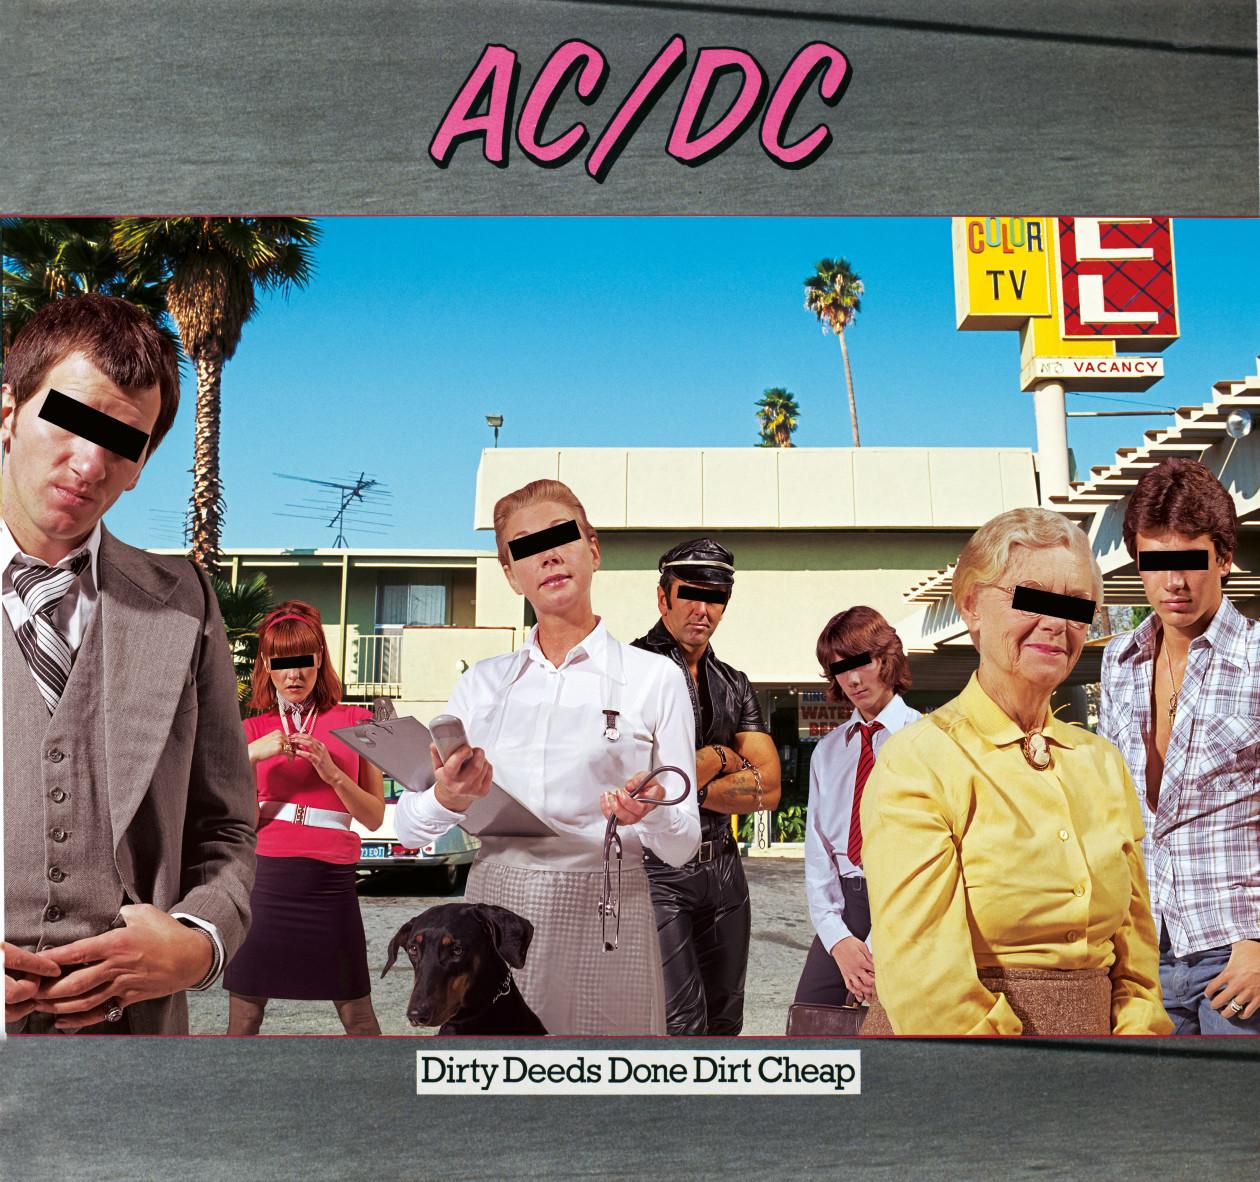 191-ac-dc-dirty-deeds-front_rupert-90cf7d52-98ea-4a8b-9056-15c115365889